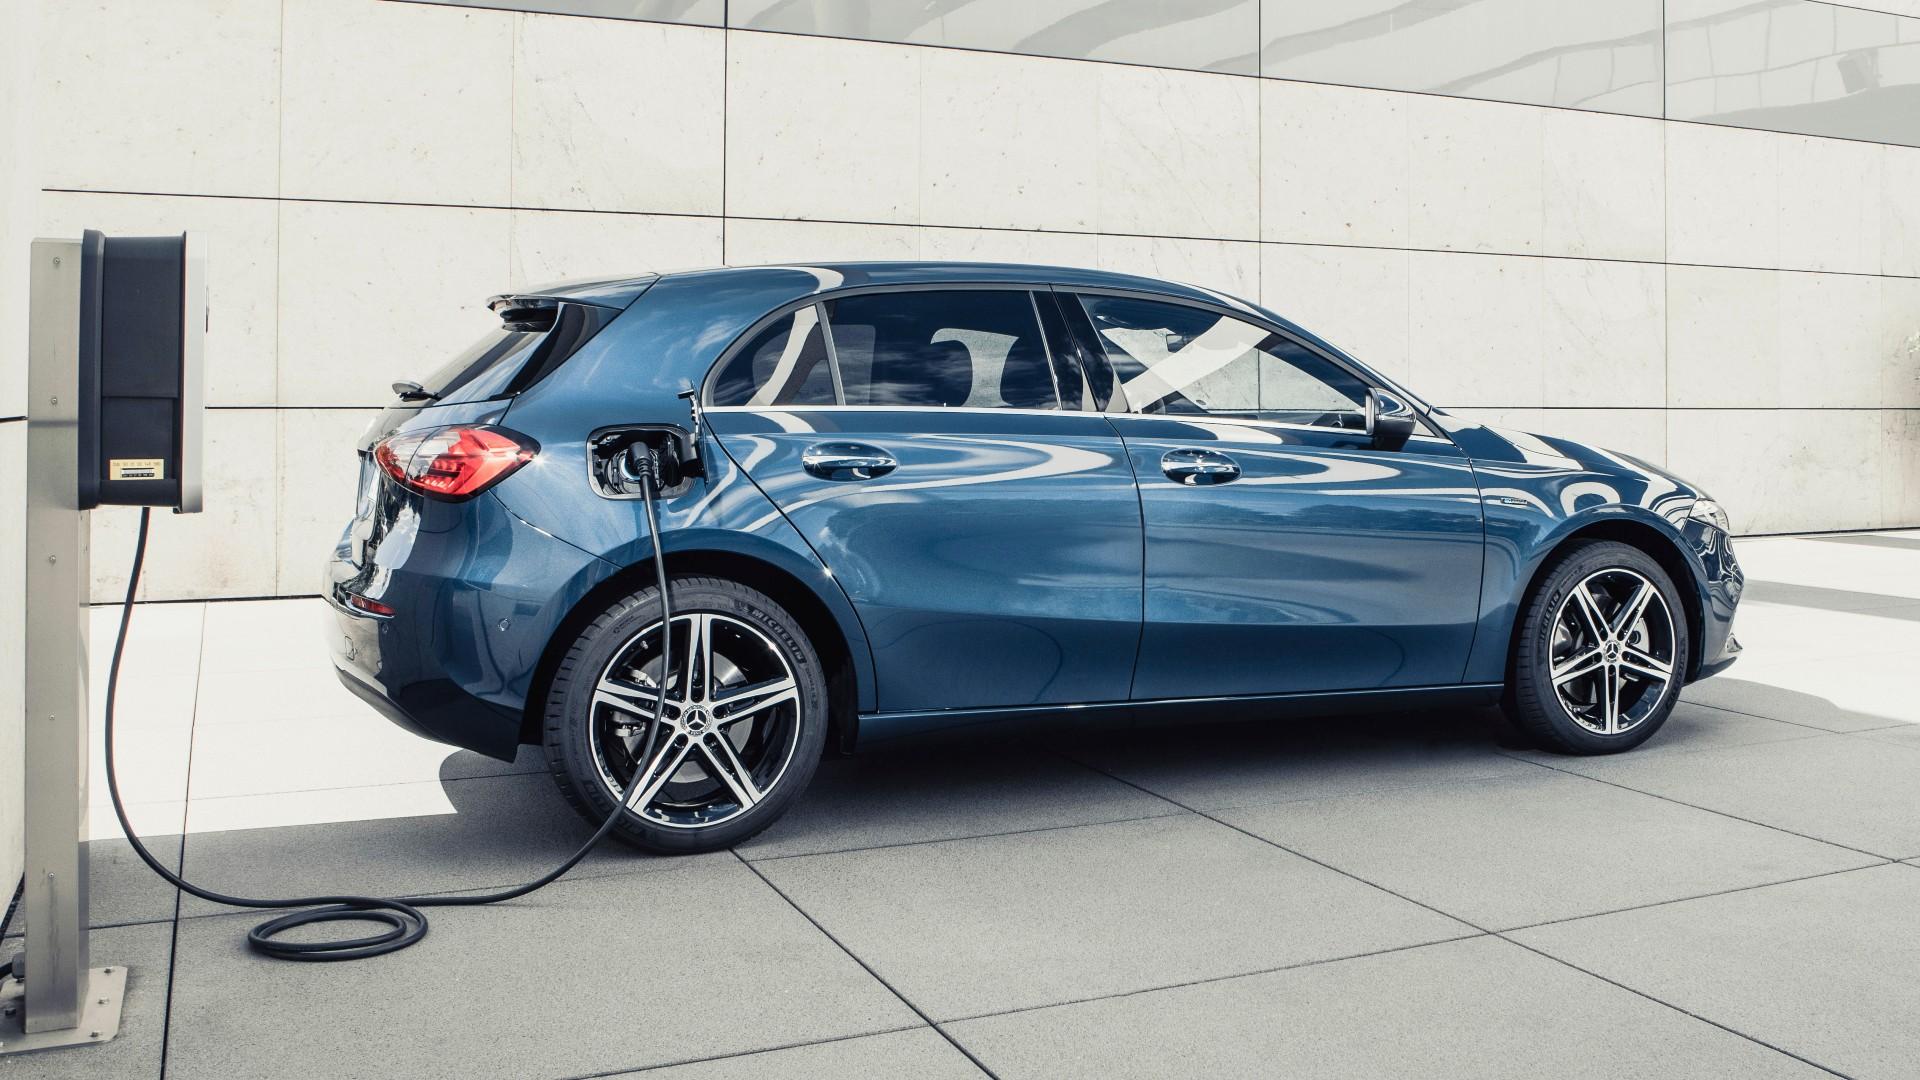 Πόσο κοστίζει η υβριδική Mercedes-Benz A250e στην Ελλάδα;